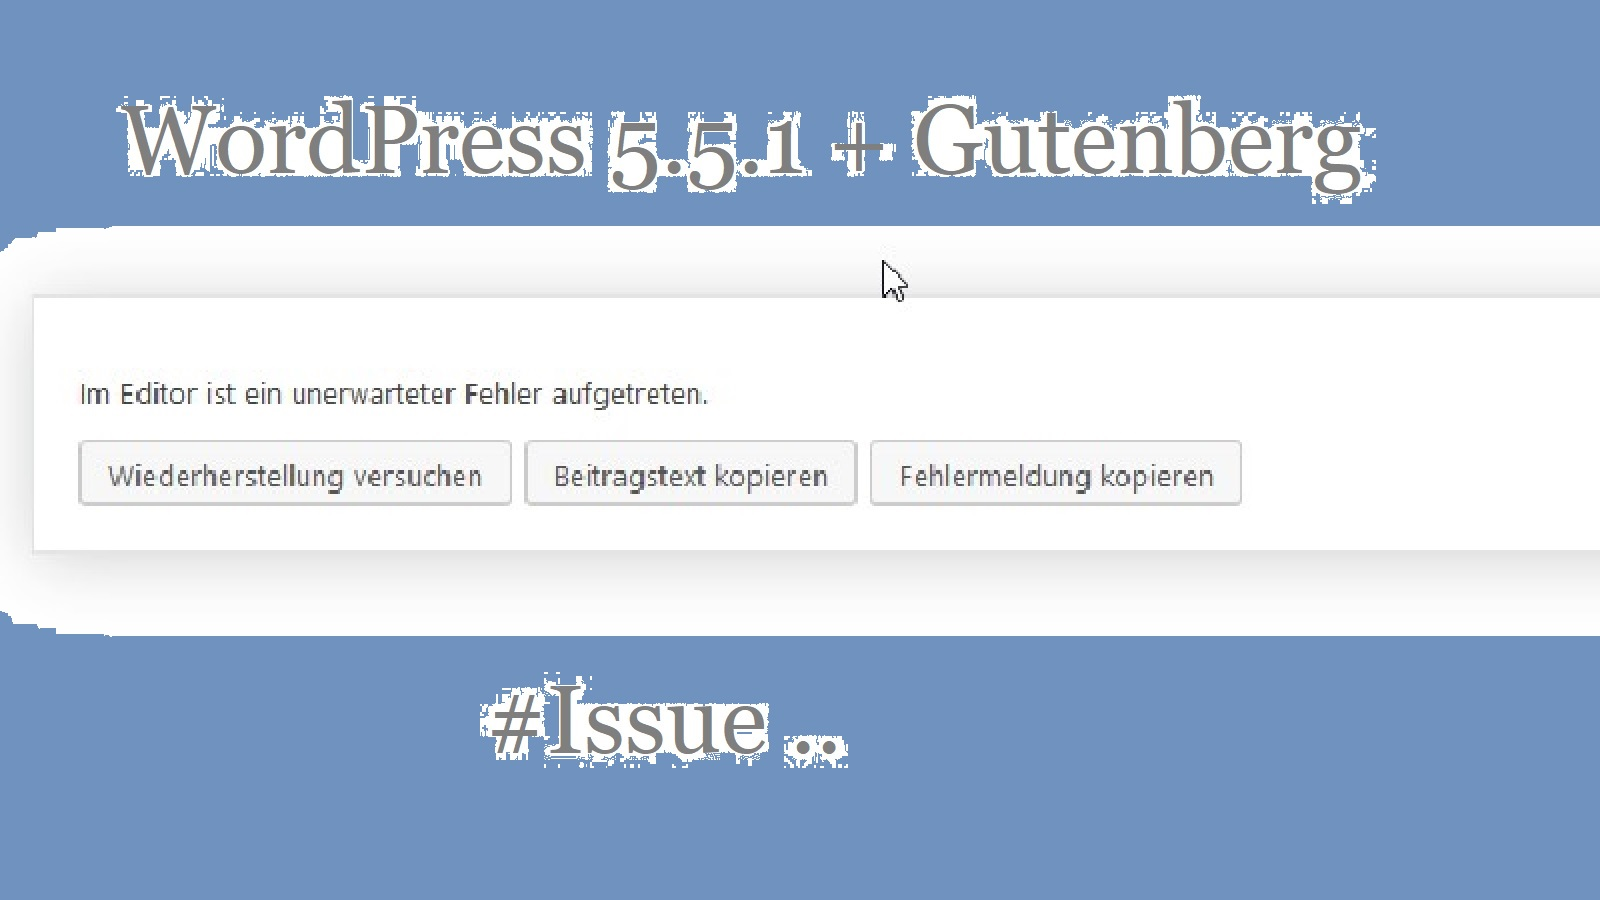 wordpress-gutenberg-issue-01